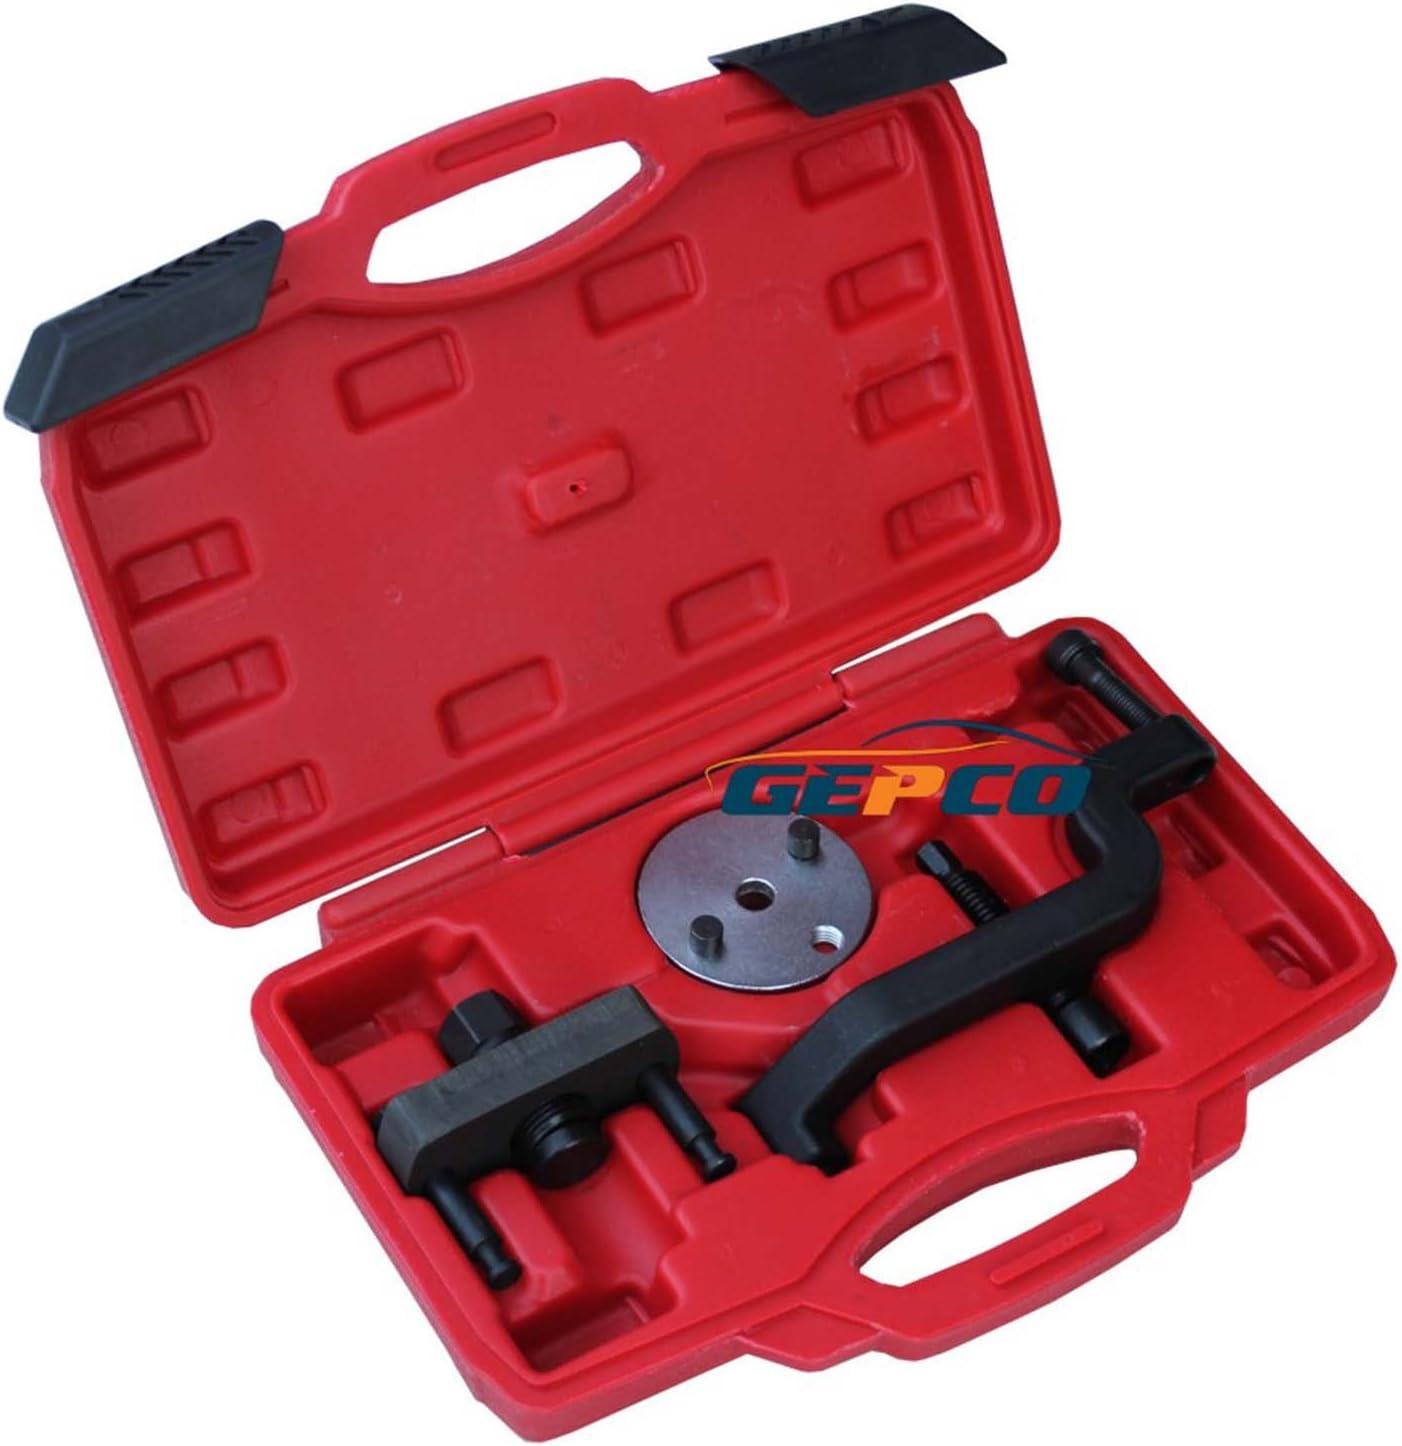 Outils ausbau Pompe /à eau T10222/A t10225